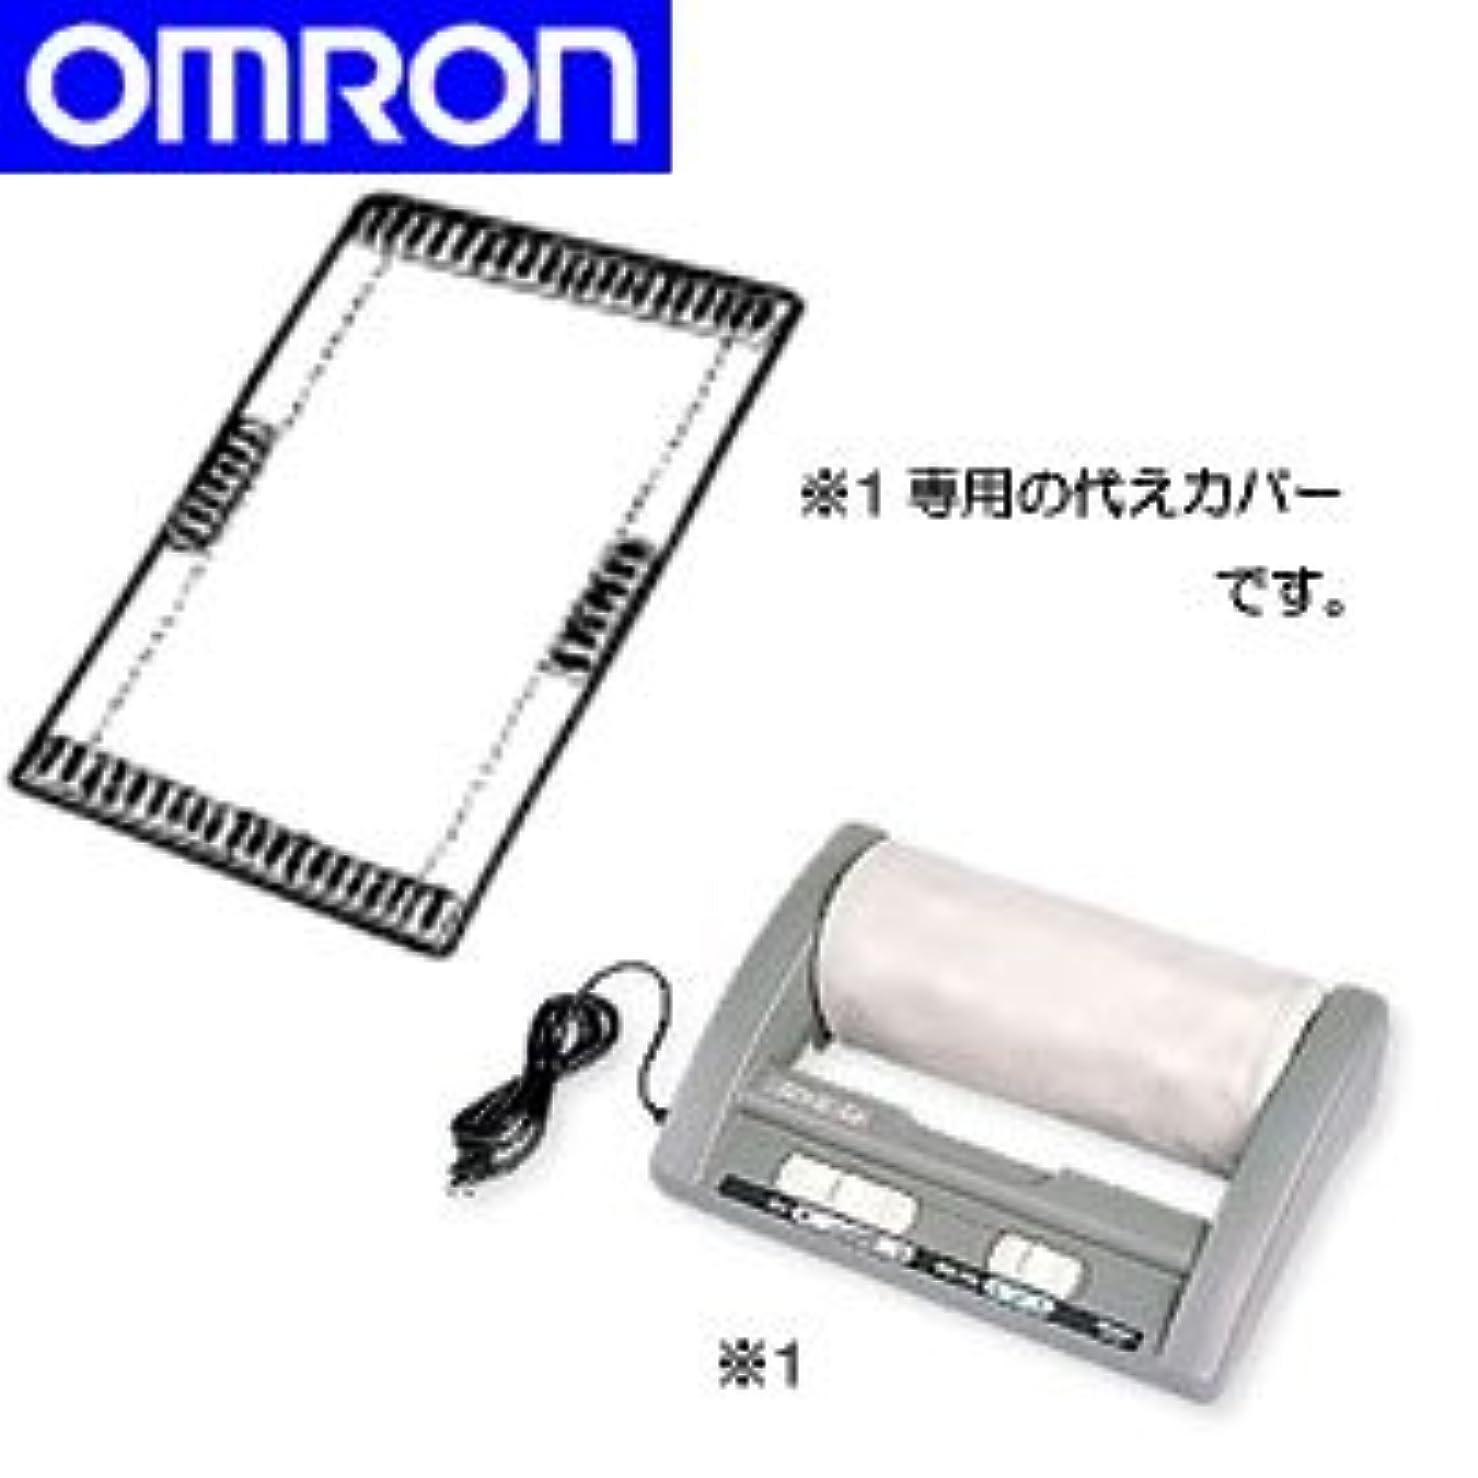 費用香水選ぶオムロン HM-202専用オプションクロスHM-202-COVER